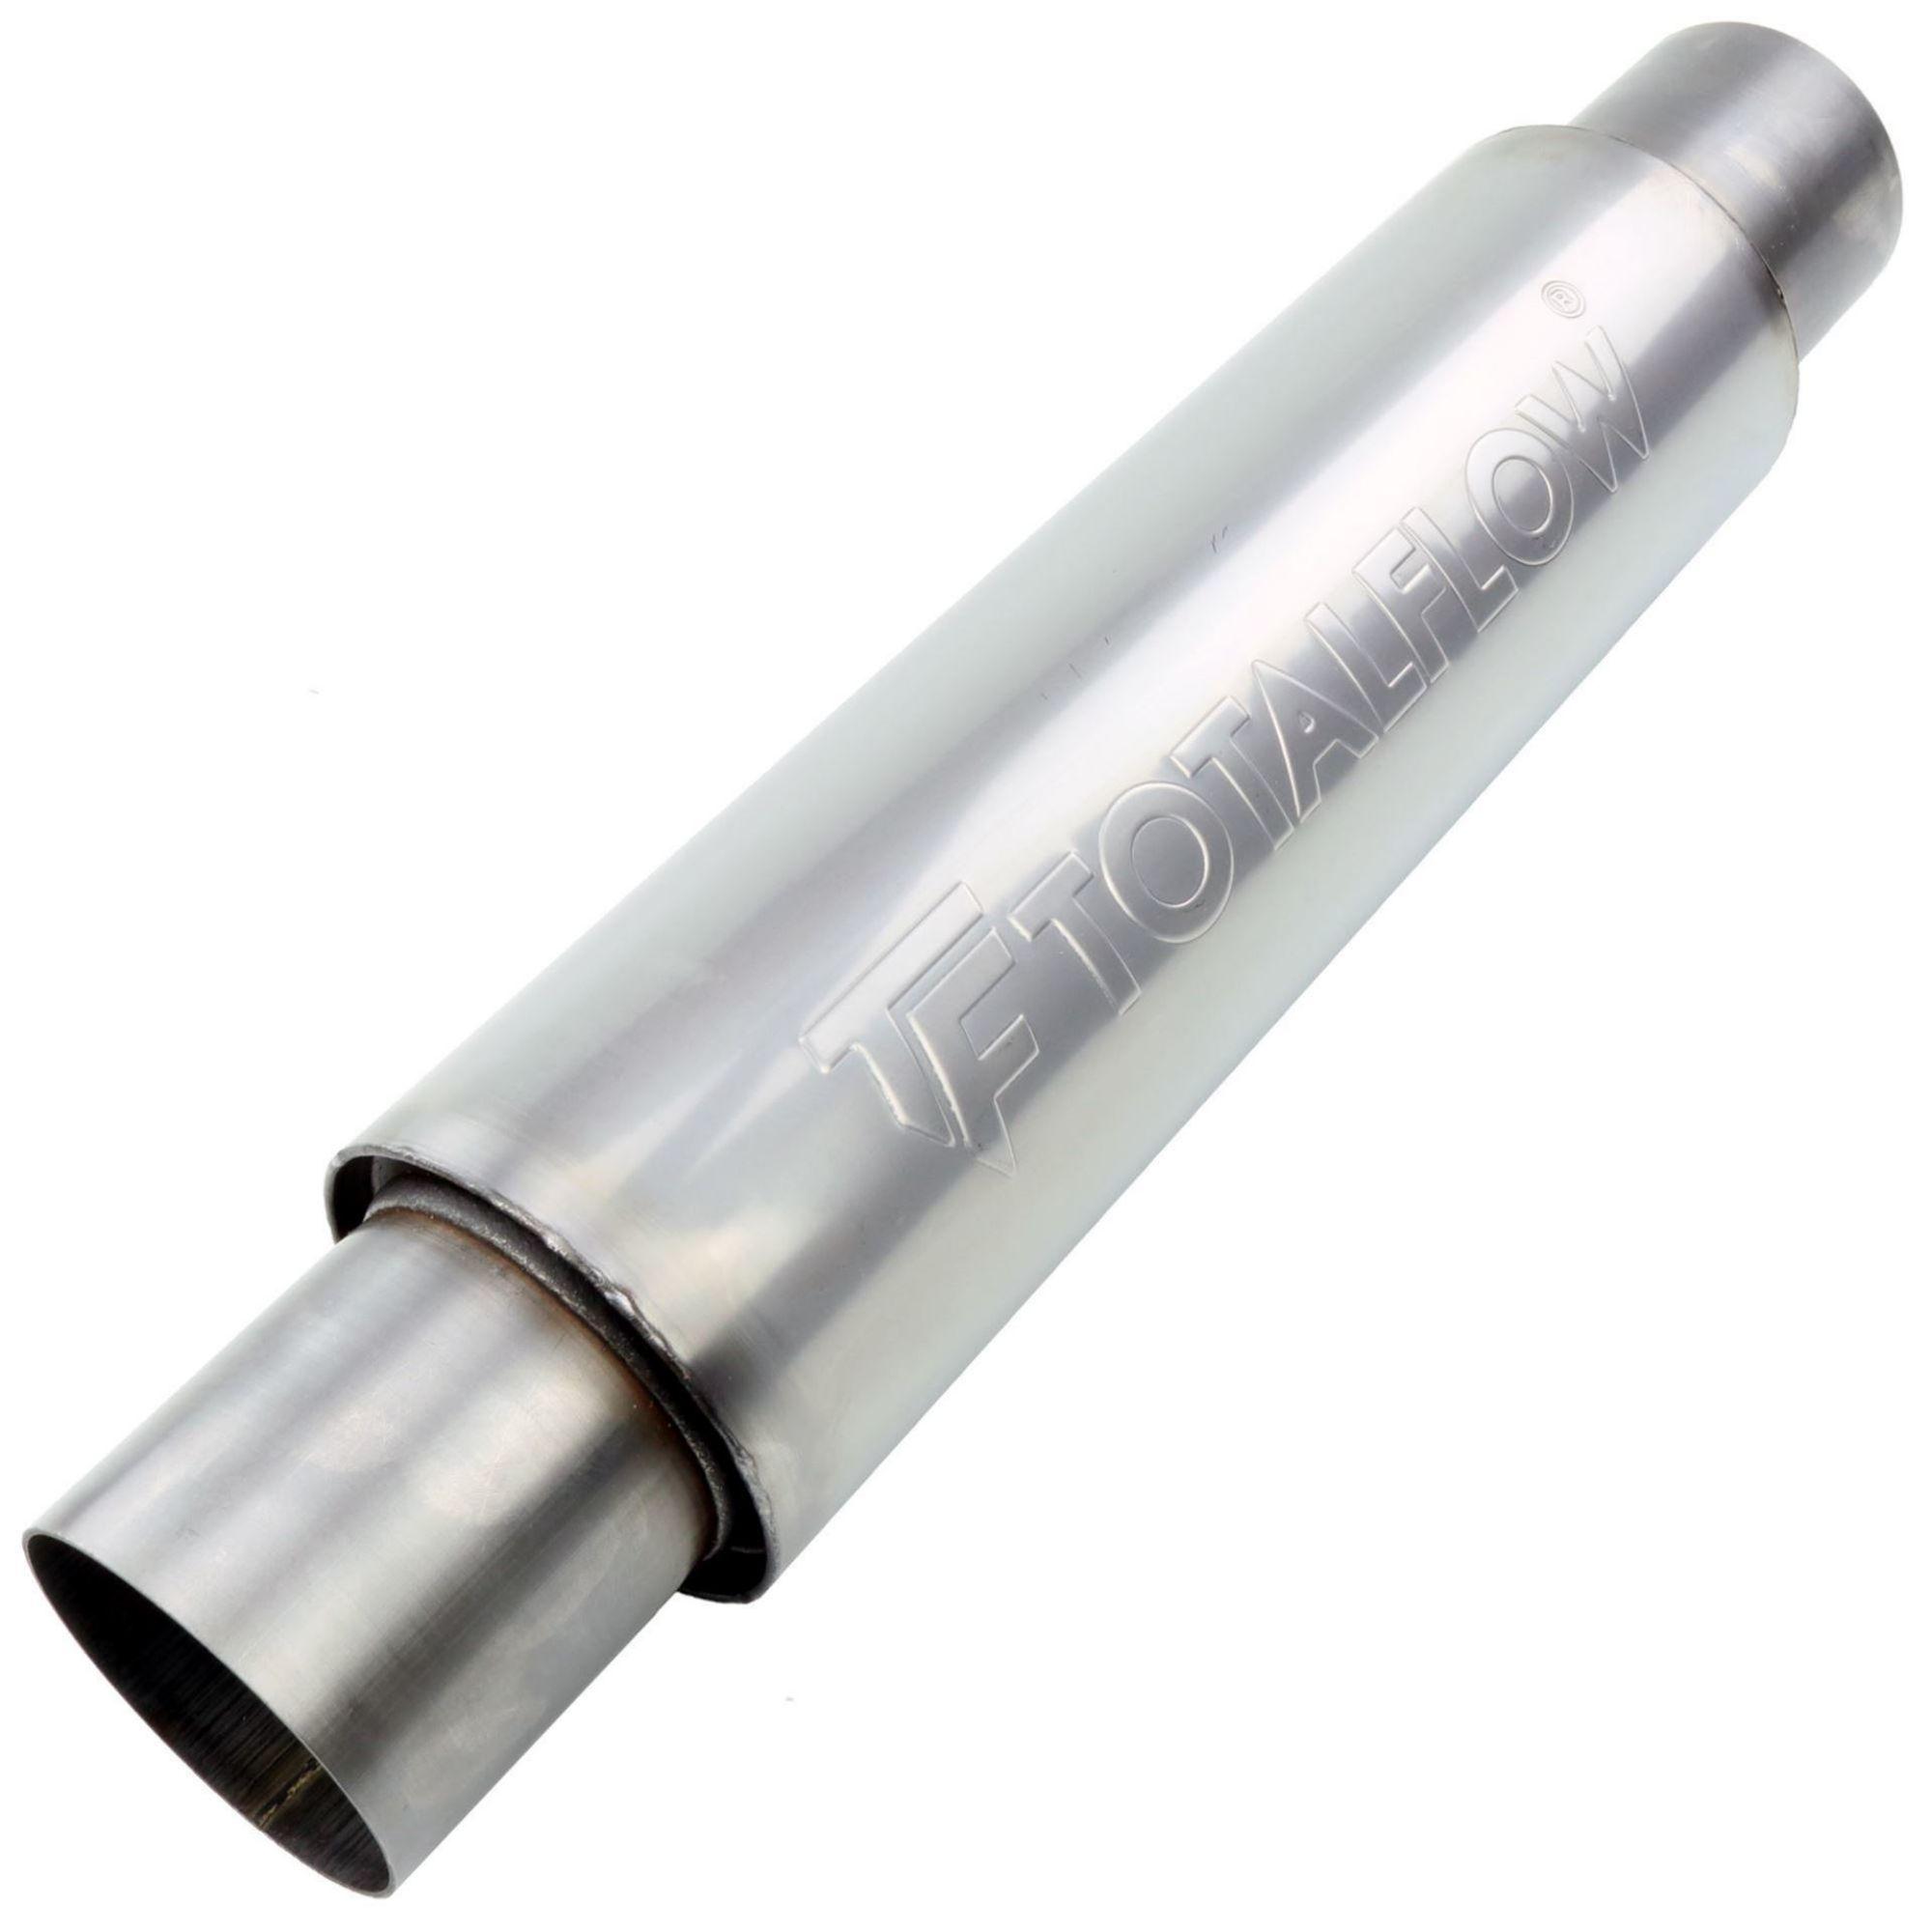 TOTALFLOW 22115 Straight Through Universal Exhaust Muffler - 2.25 Inch ID